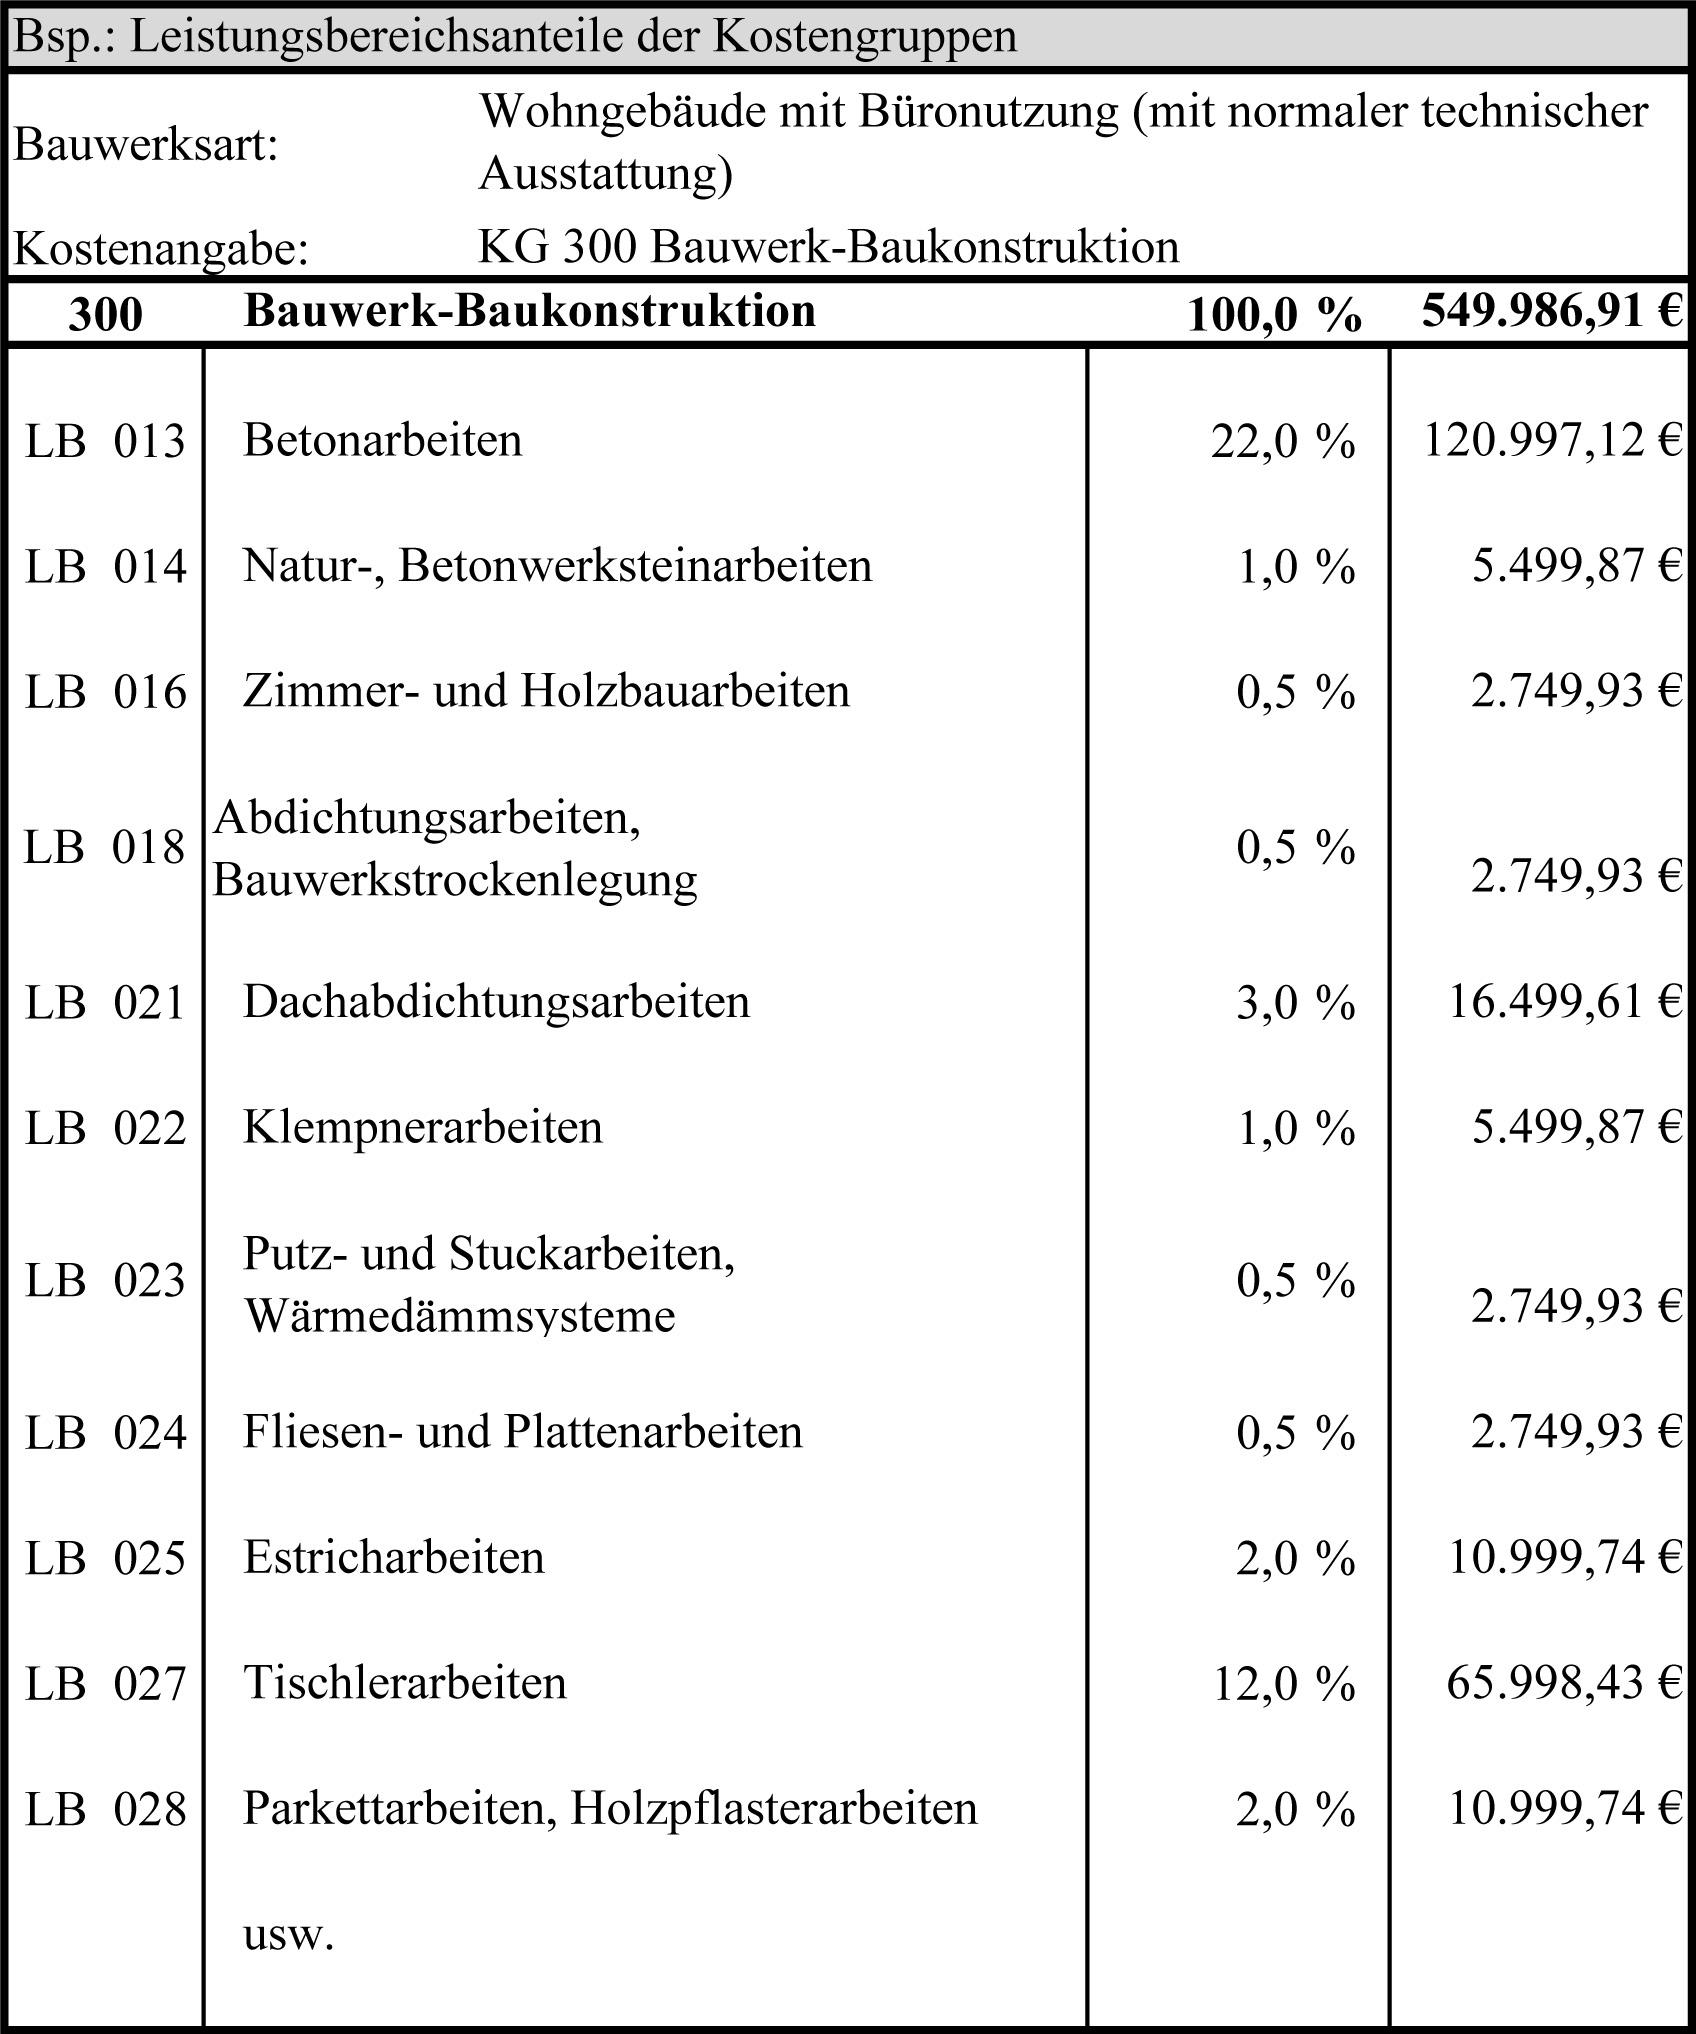 Datei:Leistungsbereichsanteile der Kostengruppen.jpg – Wikibooks